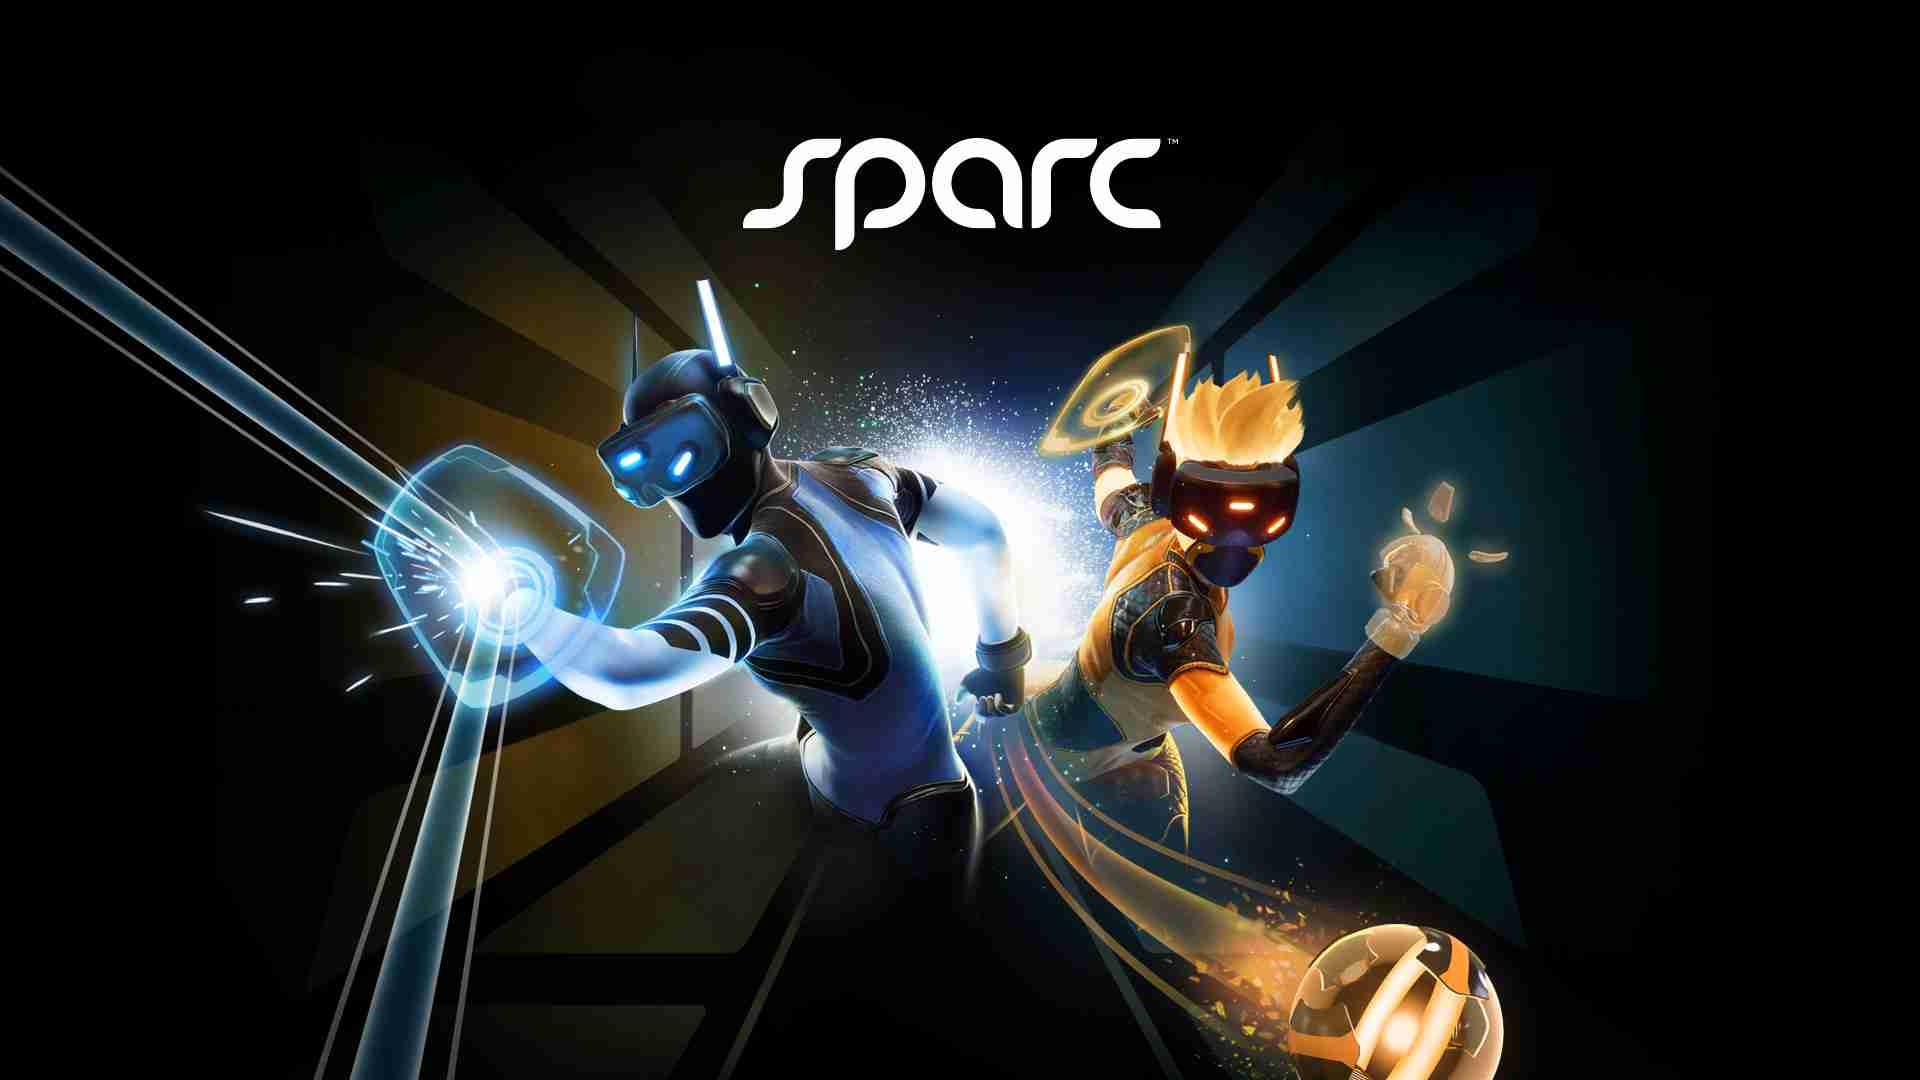 Bild:Sparc: ab November für Oculus Rift und HTC Vive verfügbar